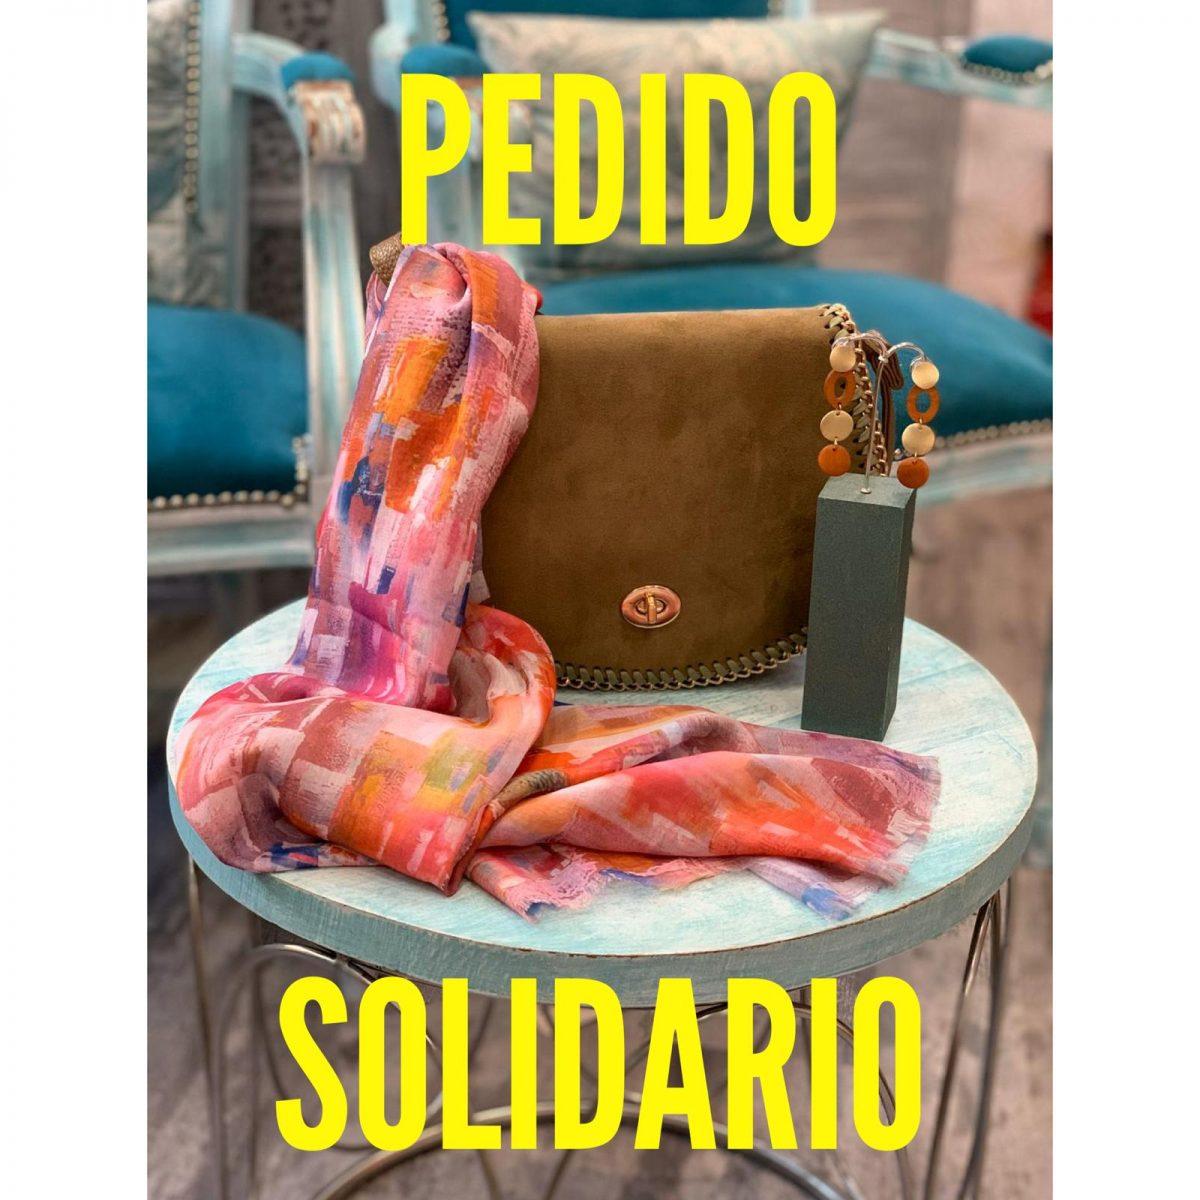 Pedido solidario